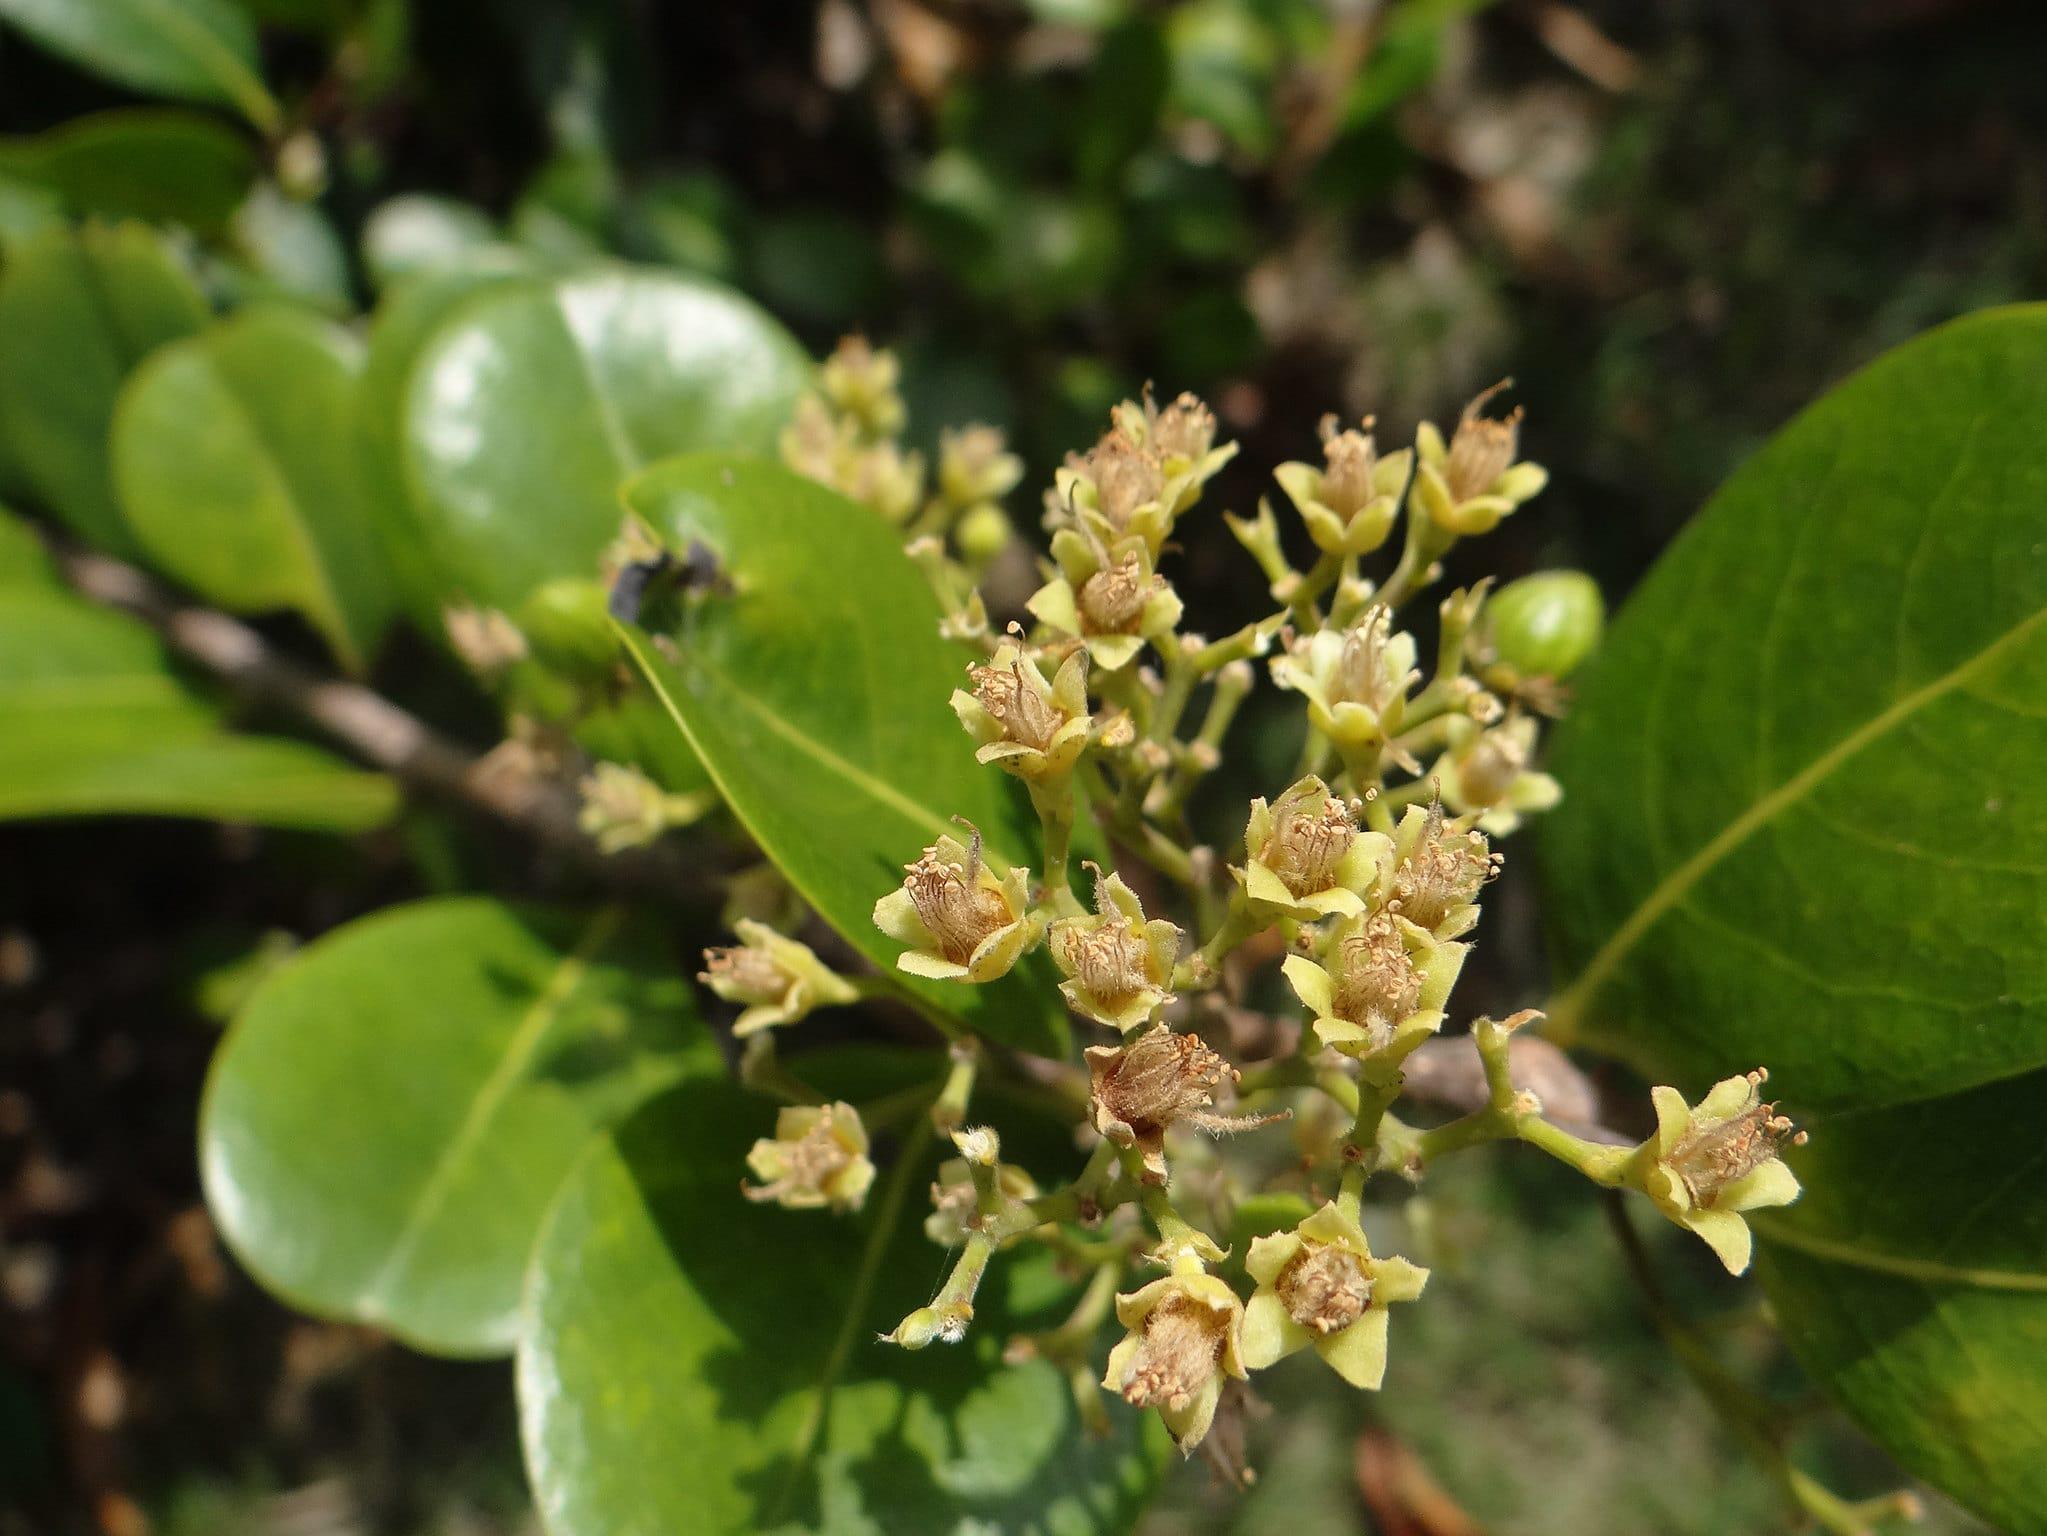 Las flores del icaco son pequeñas